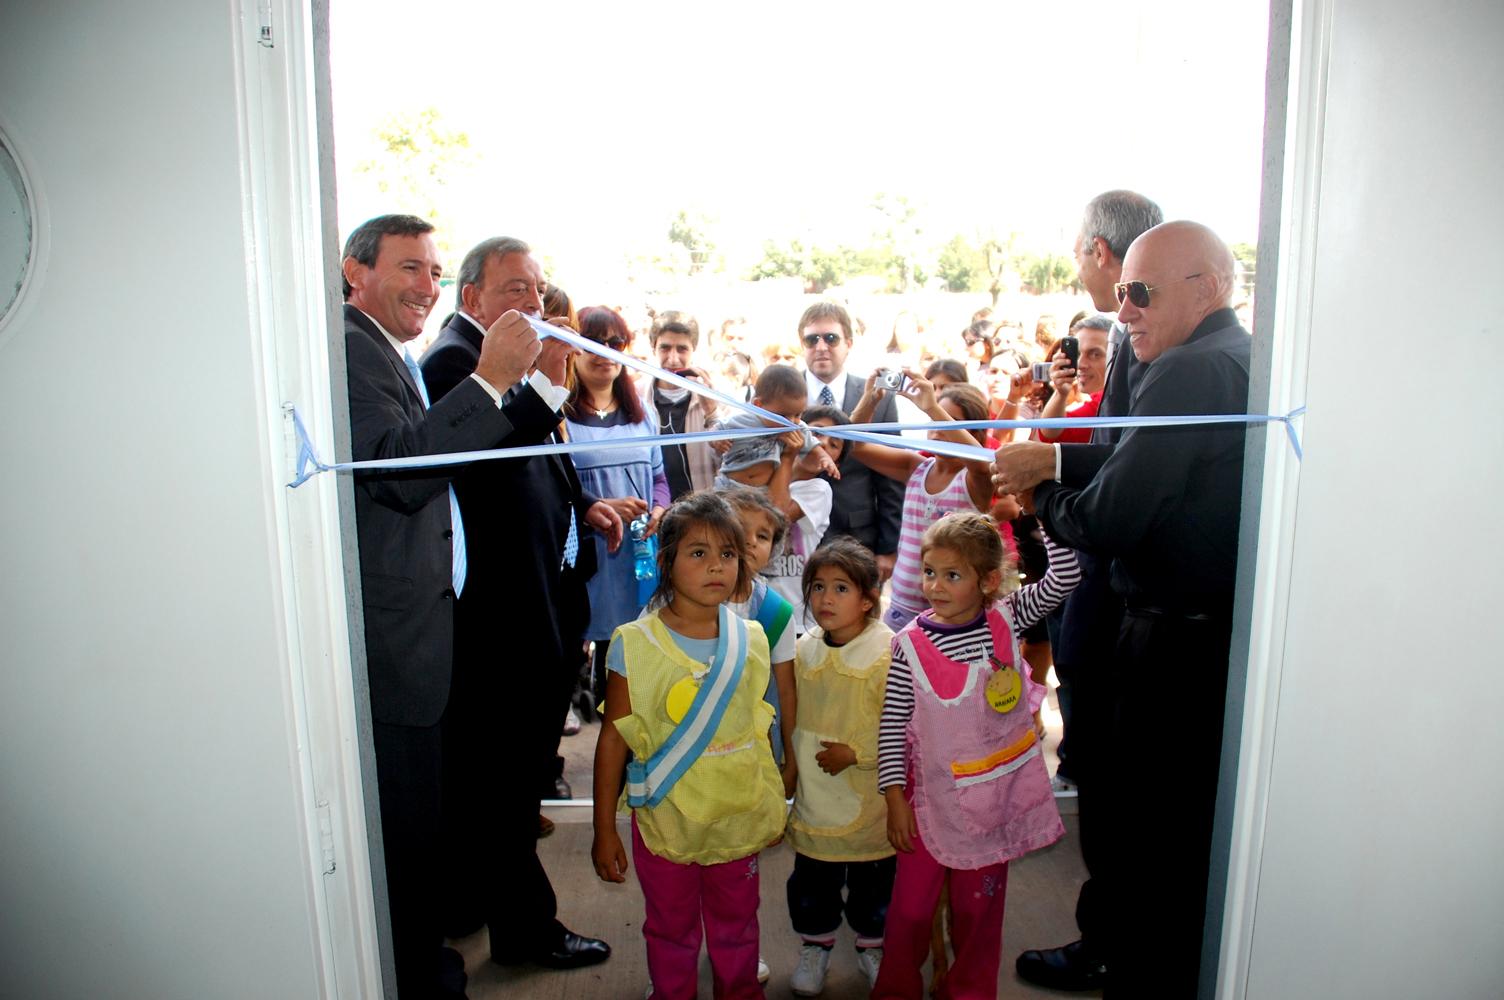 Pol tica y salud inauguraci n del centro de salud del barrio san alejo en pilar - Centro de salud barrio del pilar ...